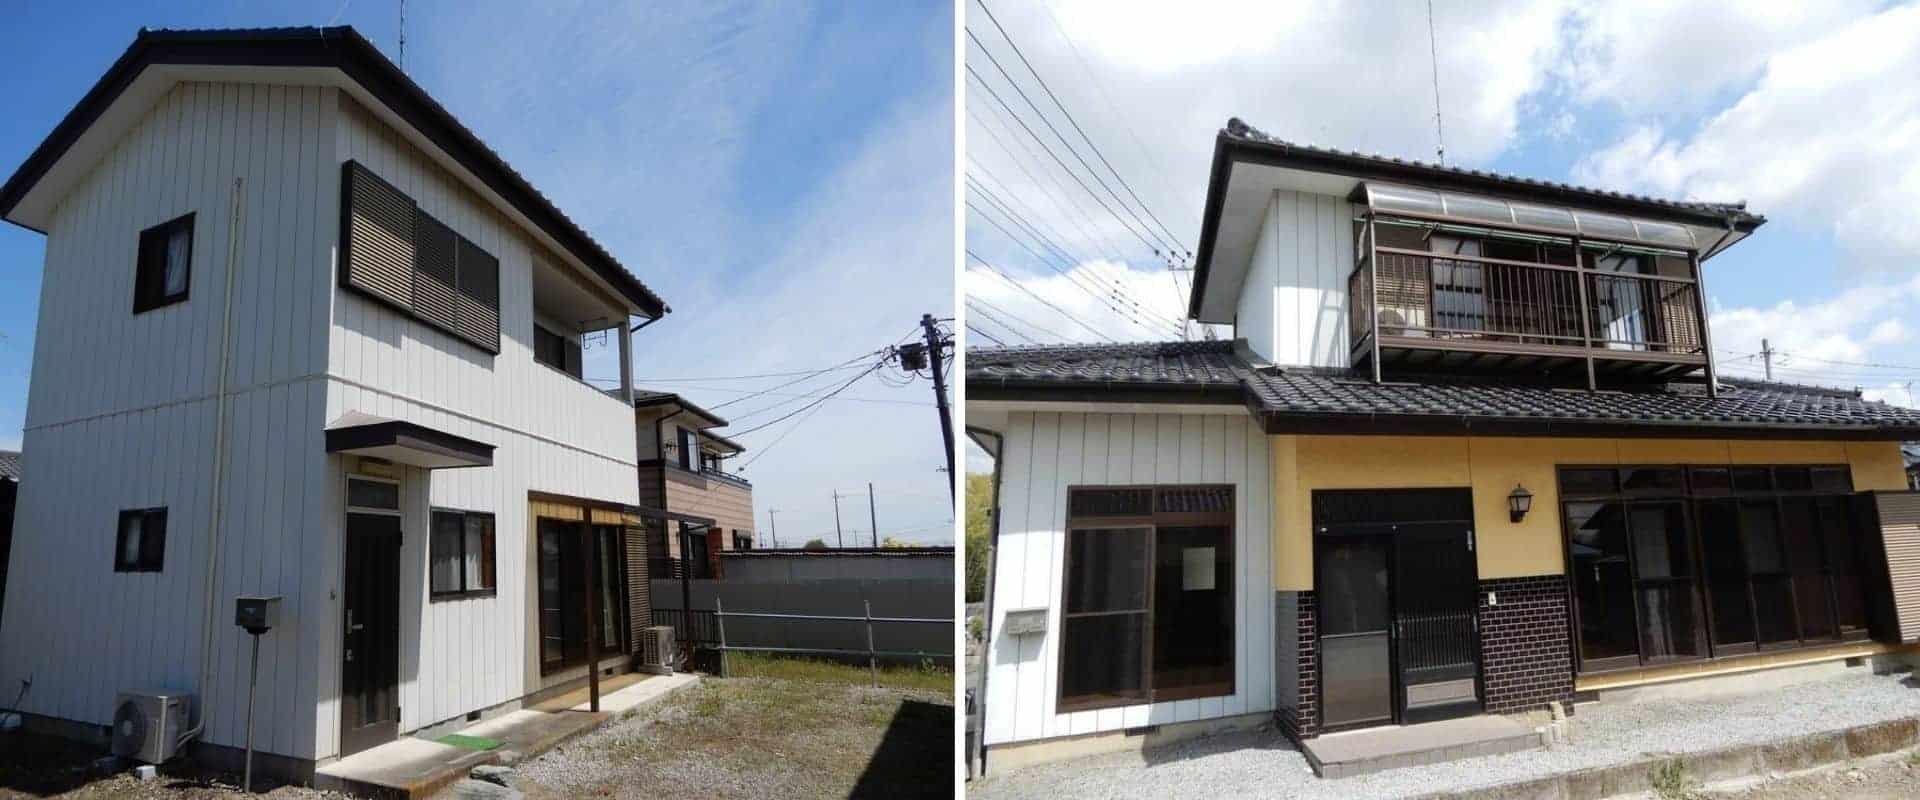 Varias prefecturas de Japón están vendiendo casas por 500 dólares